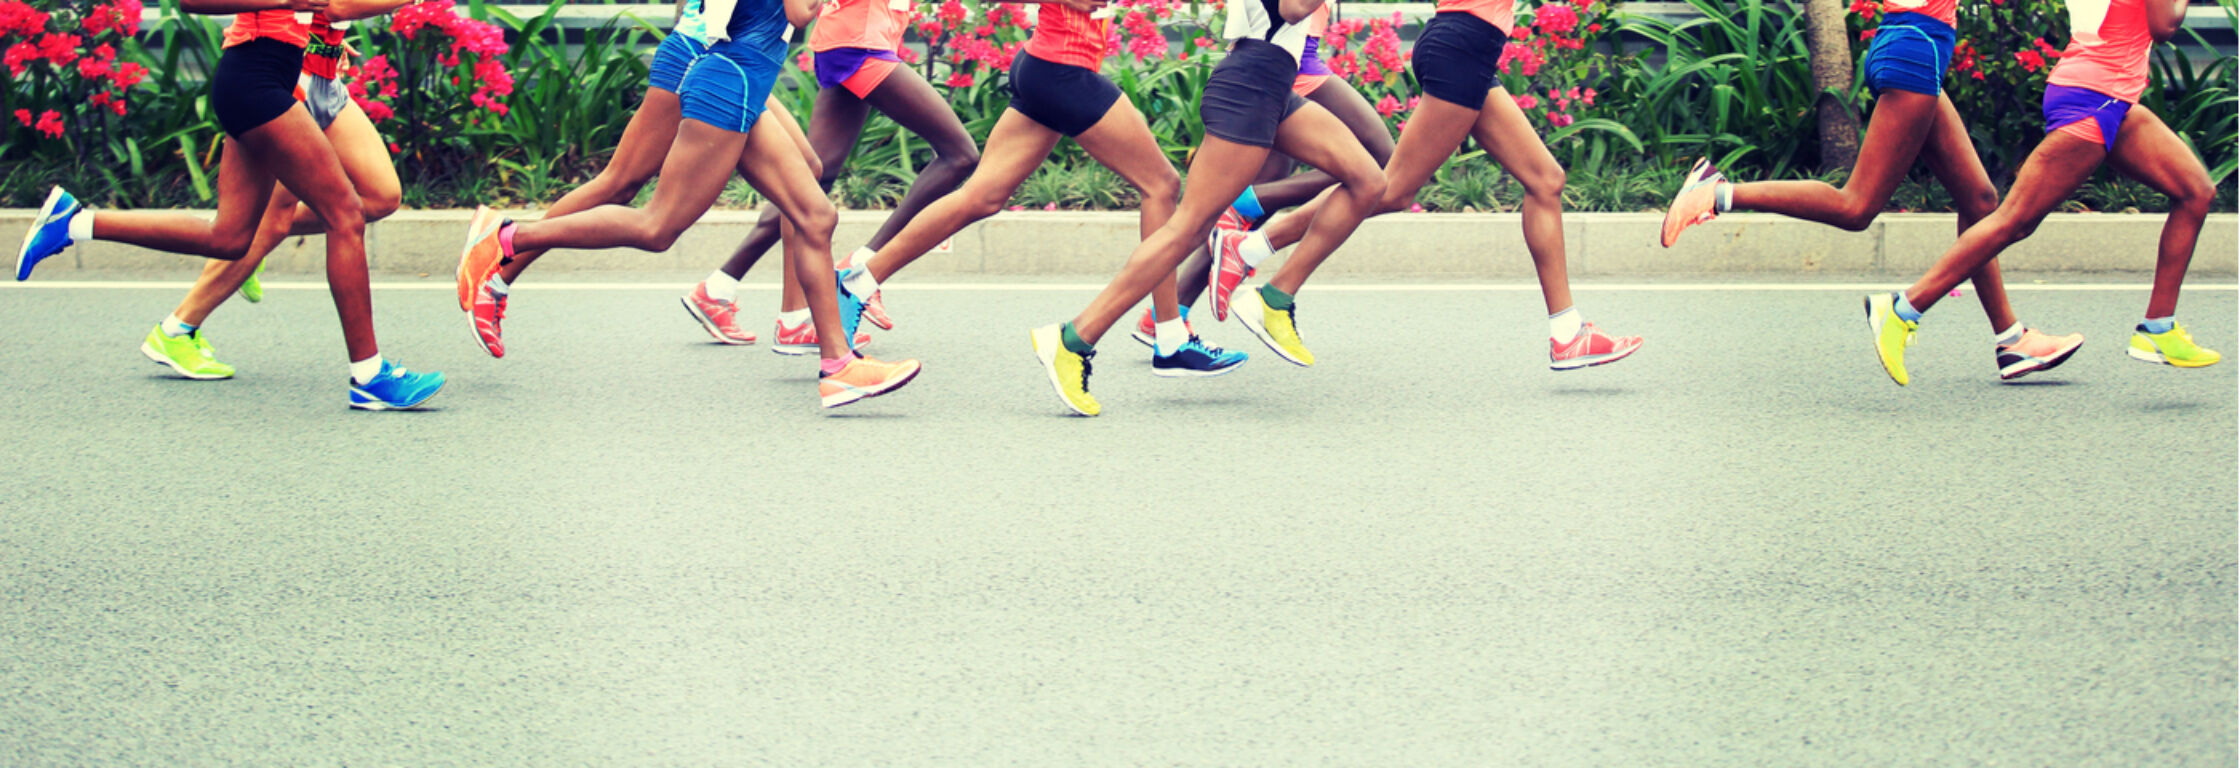 5 redenen om een marathon te lopen (en 3 om dat niet te doen)